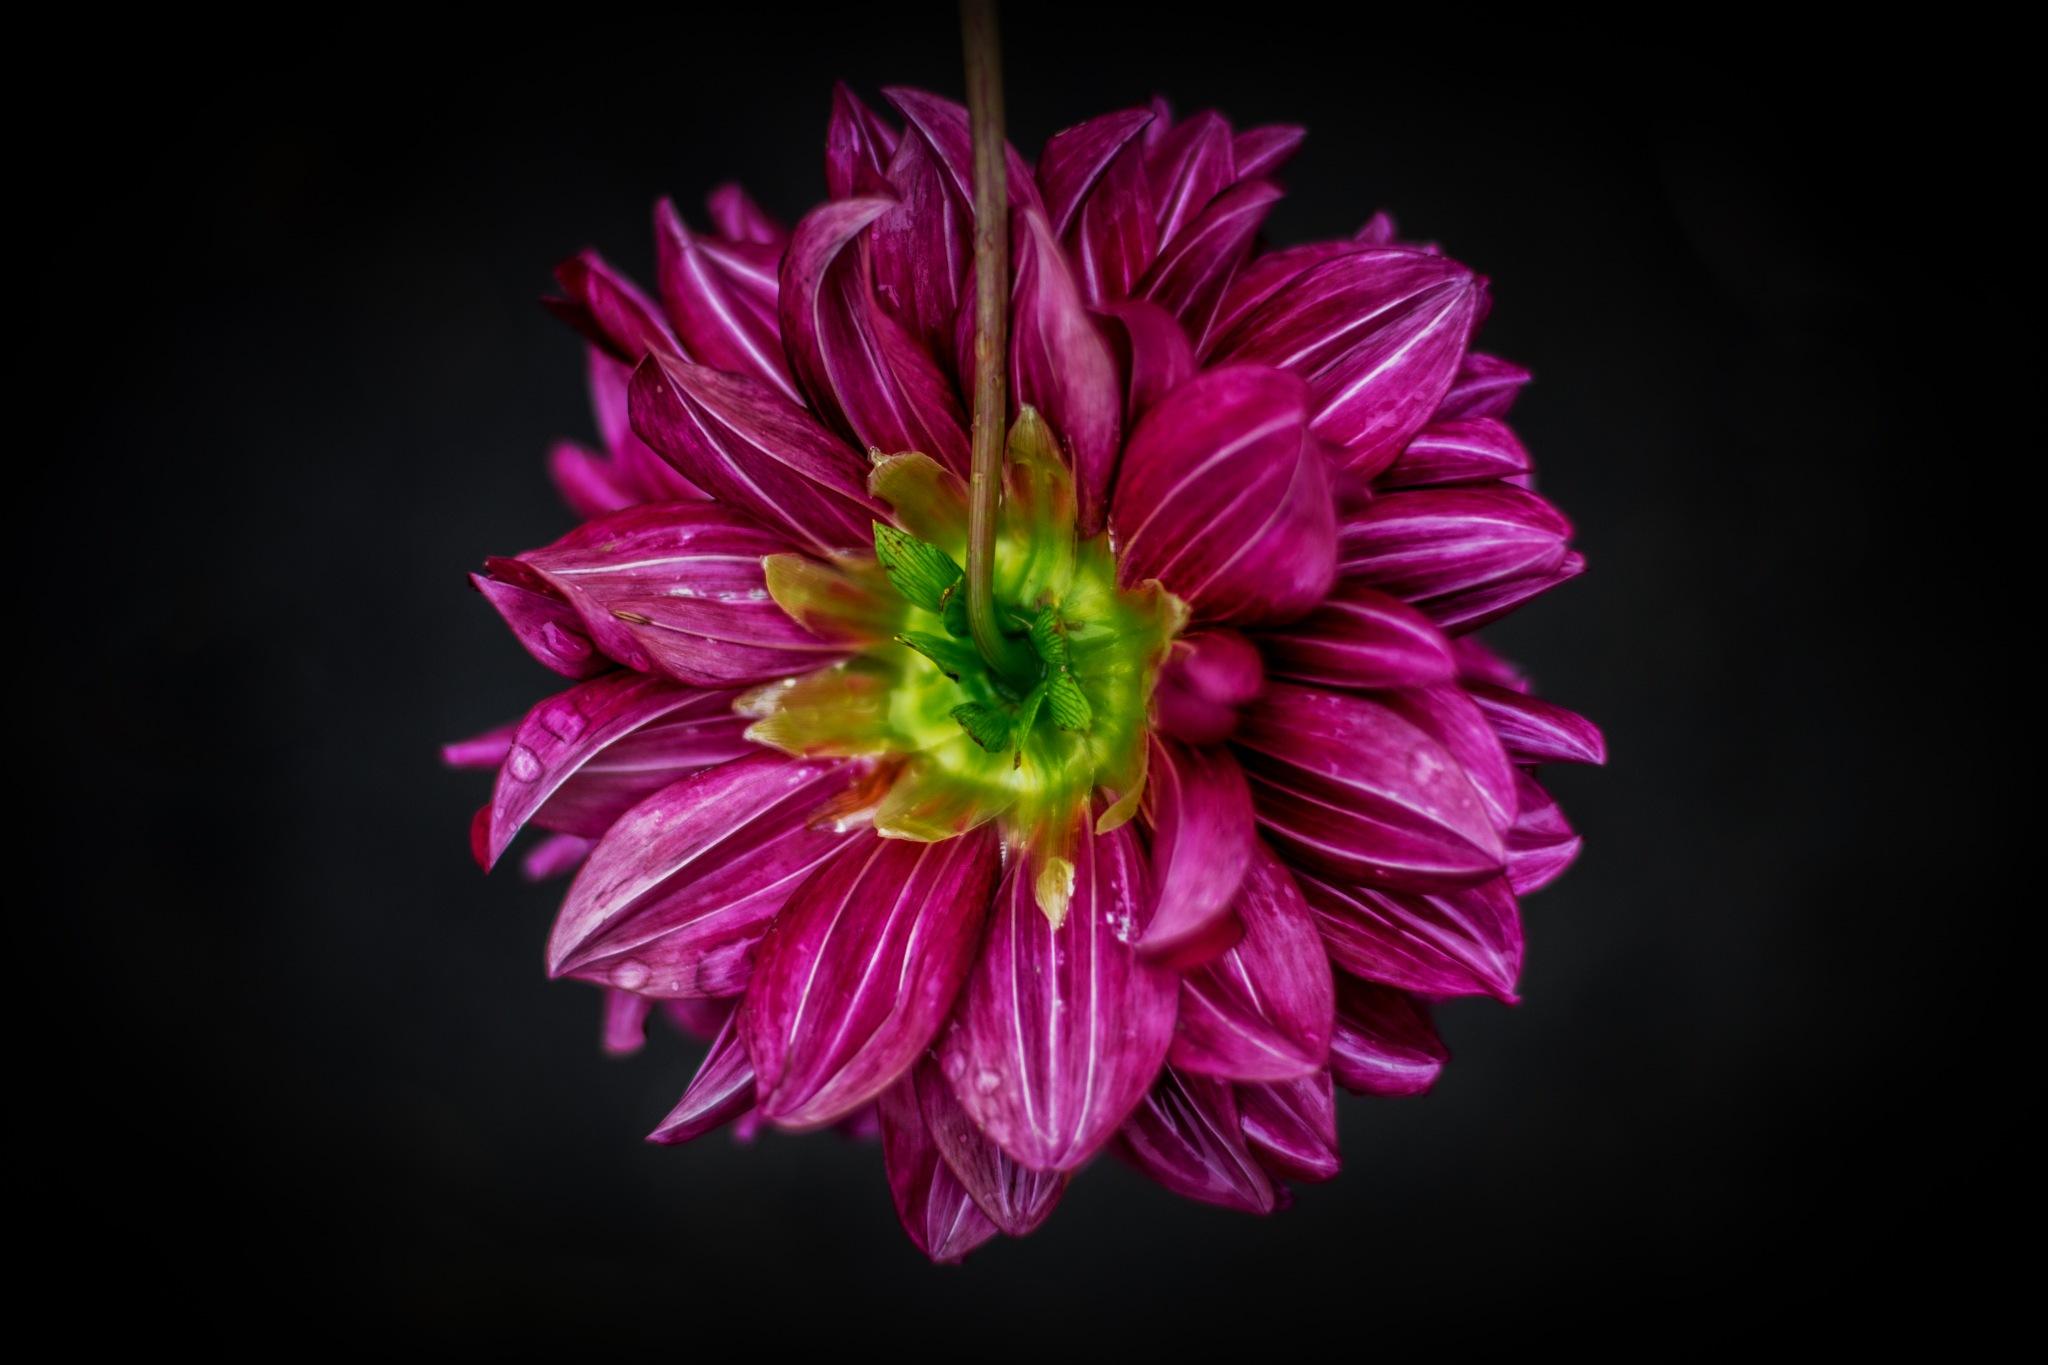 Flower in macro by Roman Borshovskyy